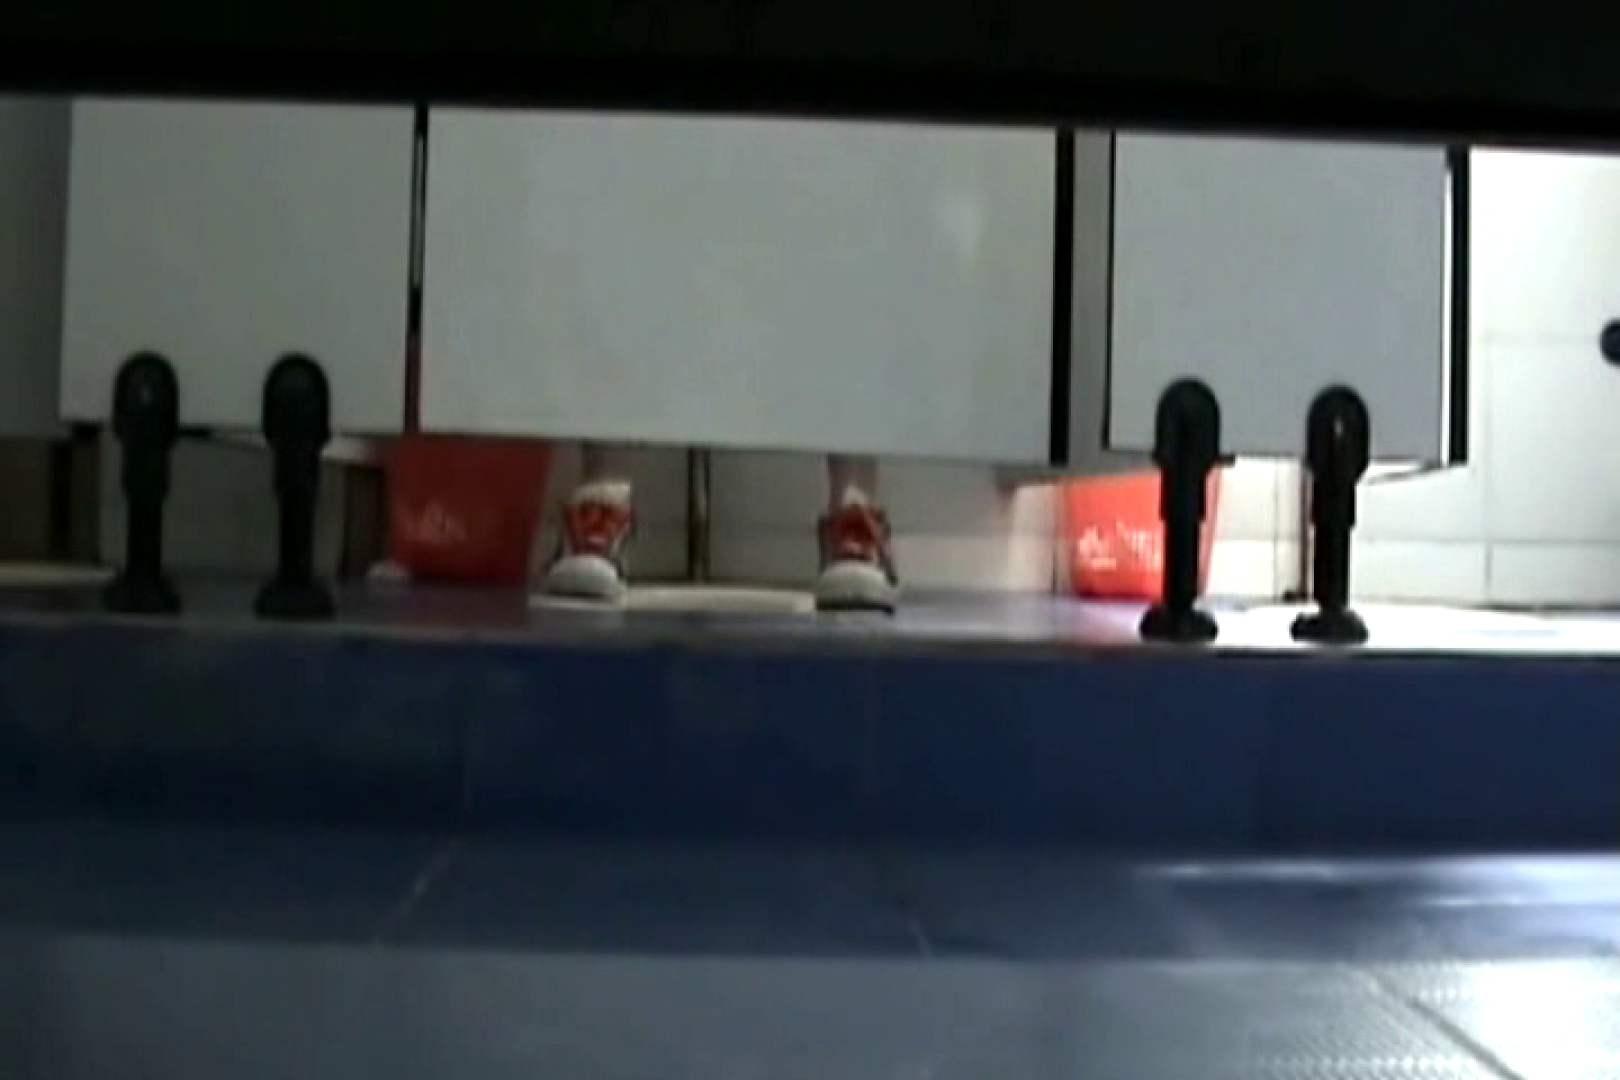 ぼっとん洗面所スペシャルVol.15 おまんこ無修正 隠し撮りおまんこ動画流出 60pic 23